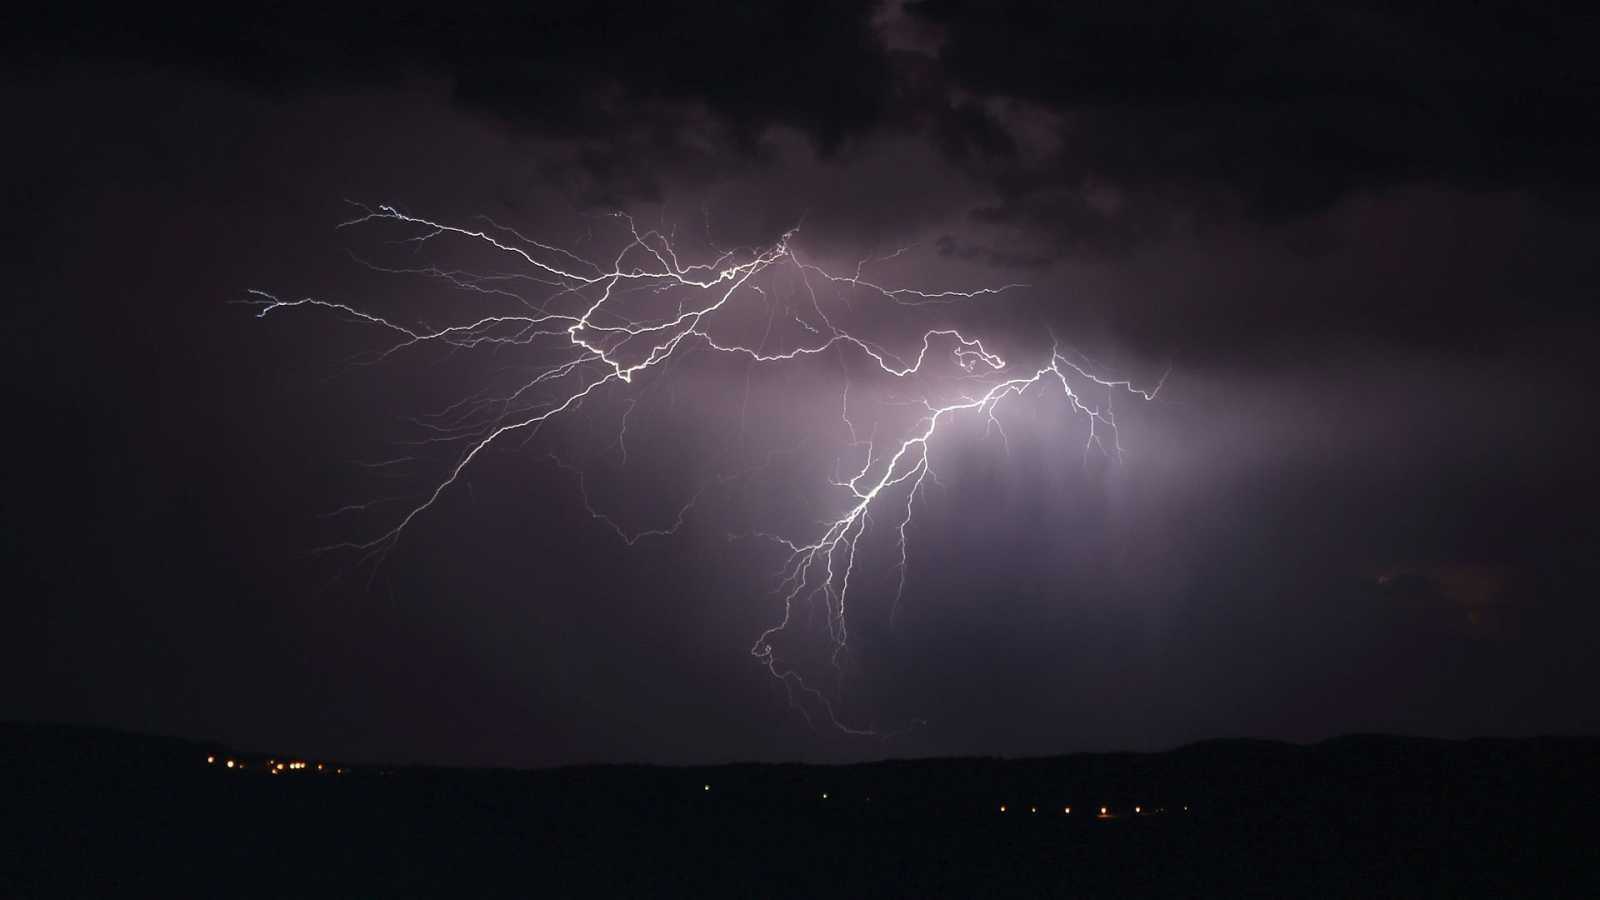 Tormentas localmente fuertes en Pirineos y noreste de Cataluña - Ver ahora